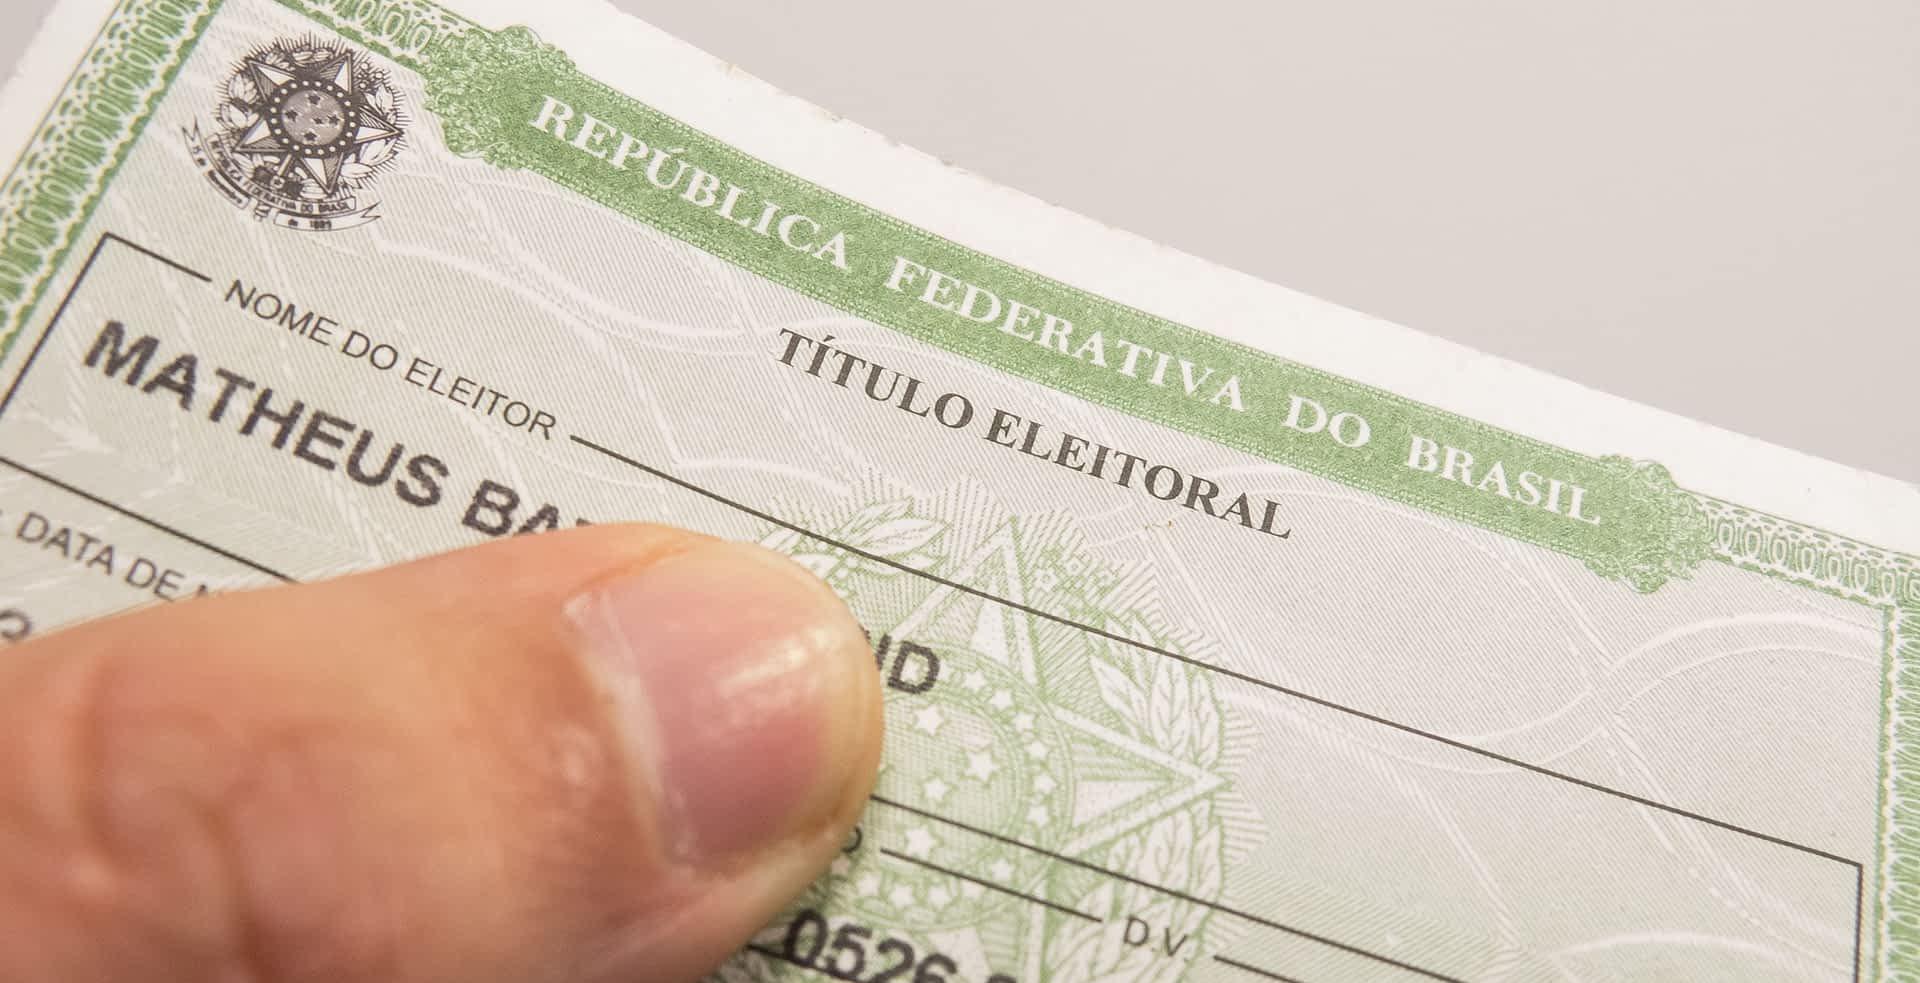 29-07-2014 - São Paulo - Brasil - Eleitor segura o titulo eleitoral. O eleitorado brasileiro cresceu 5,17% nos últimos quatro anos, saltando de 135.804.433 votantes, em 2010, para 142.822.046 eleitores, divulgou hoje (29) o Tribunal Superior Eleitoral (TSE). Foto: Rafael Neddermeyer/ Fotos Públicas